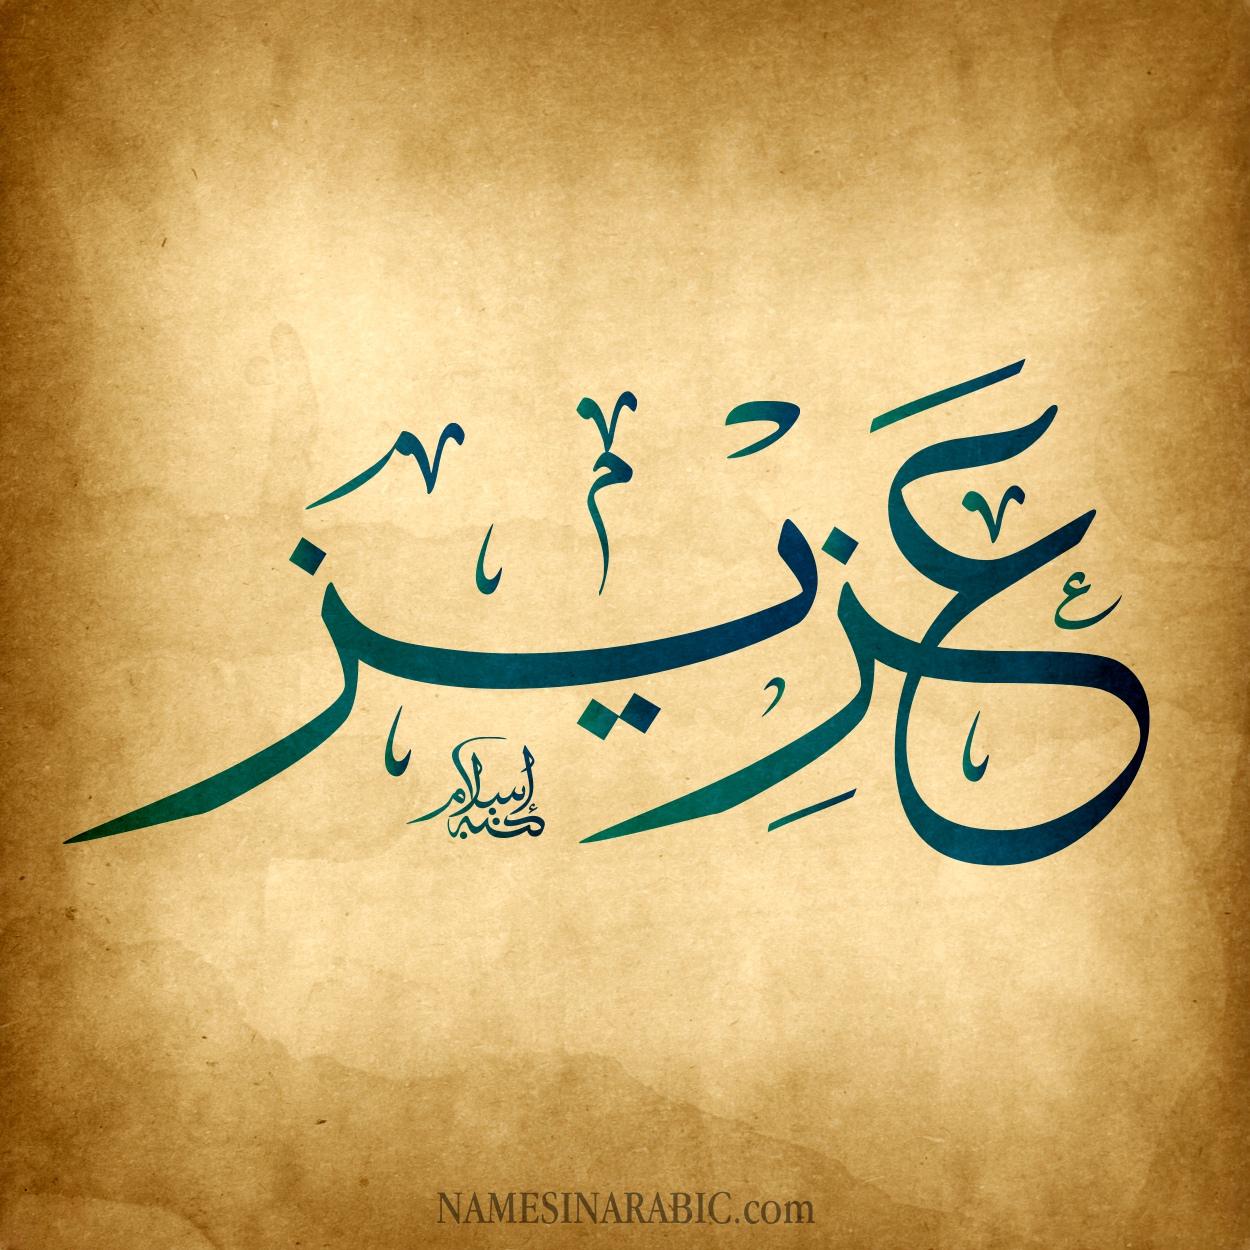 حكم التسمية بـ اسم عزيز قاموس الأسماء و المعاني